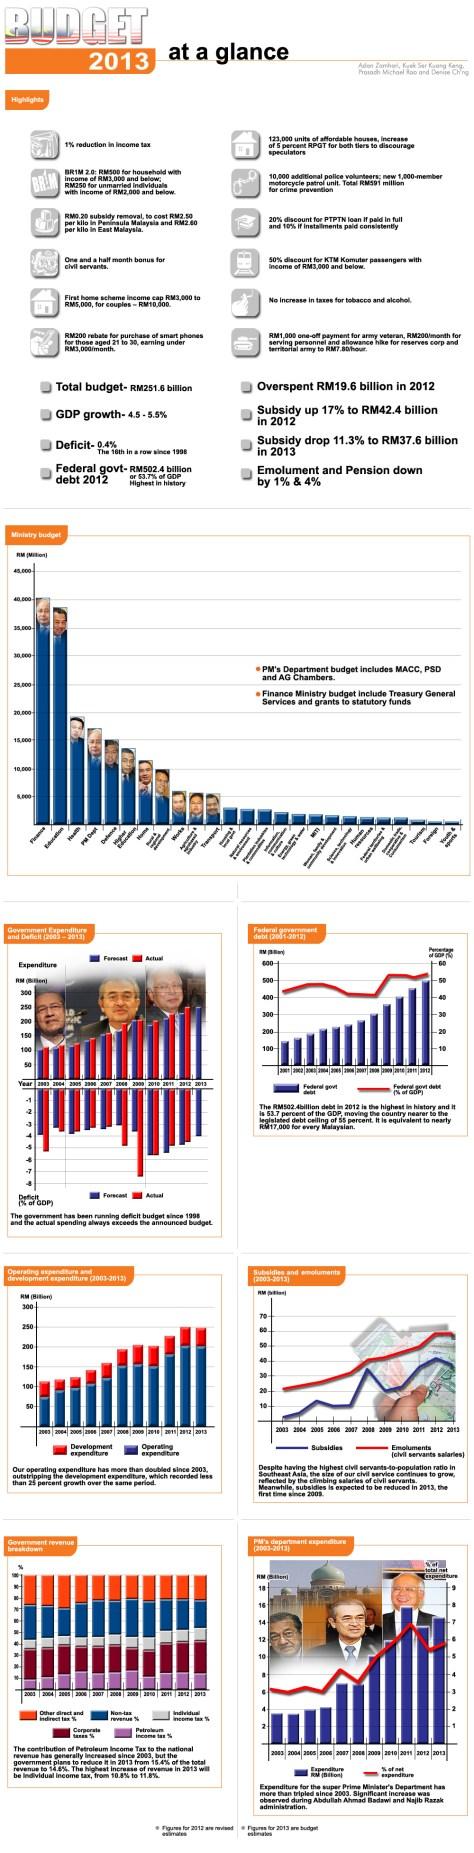 budget2013longimage